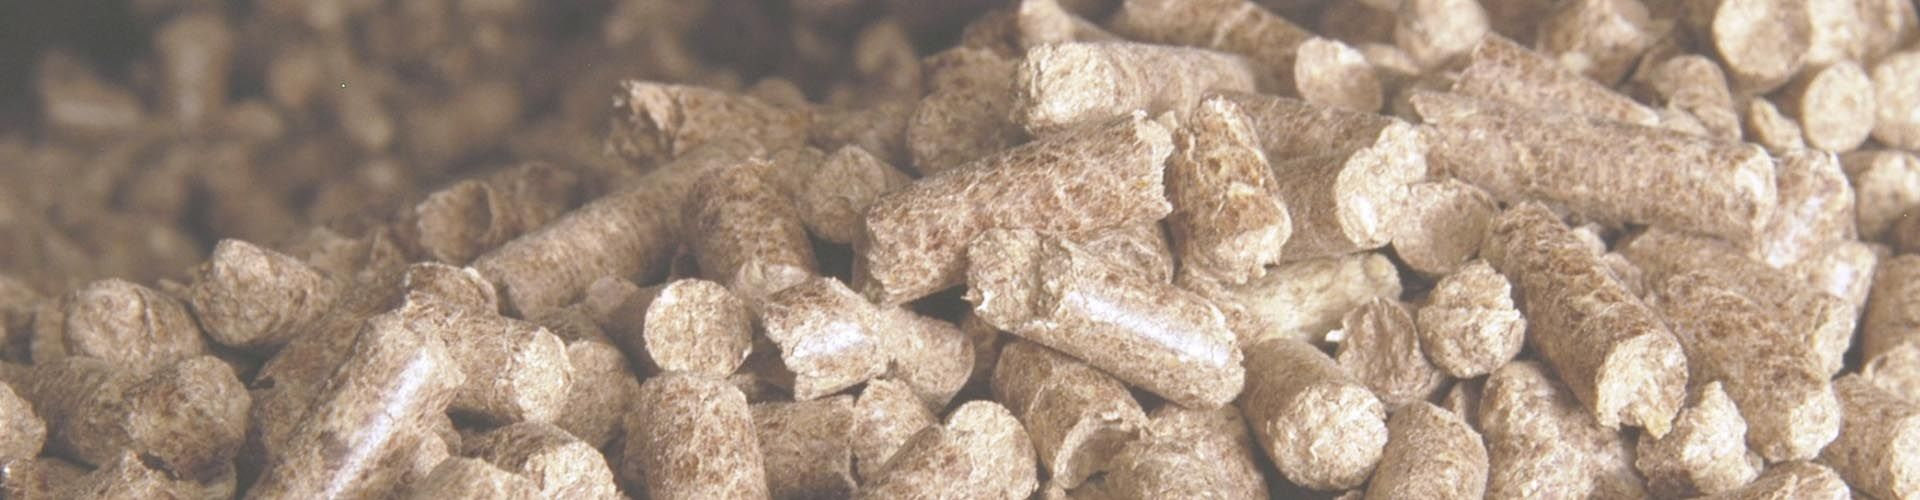 Pellets en Illescas, venta y distribución de pellets en Illescas